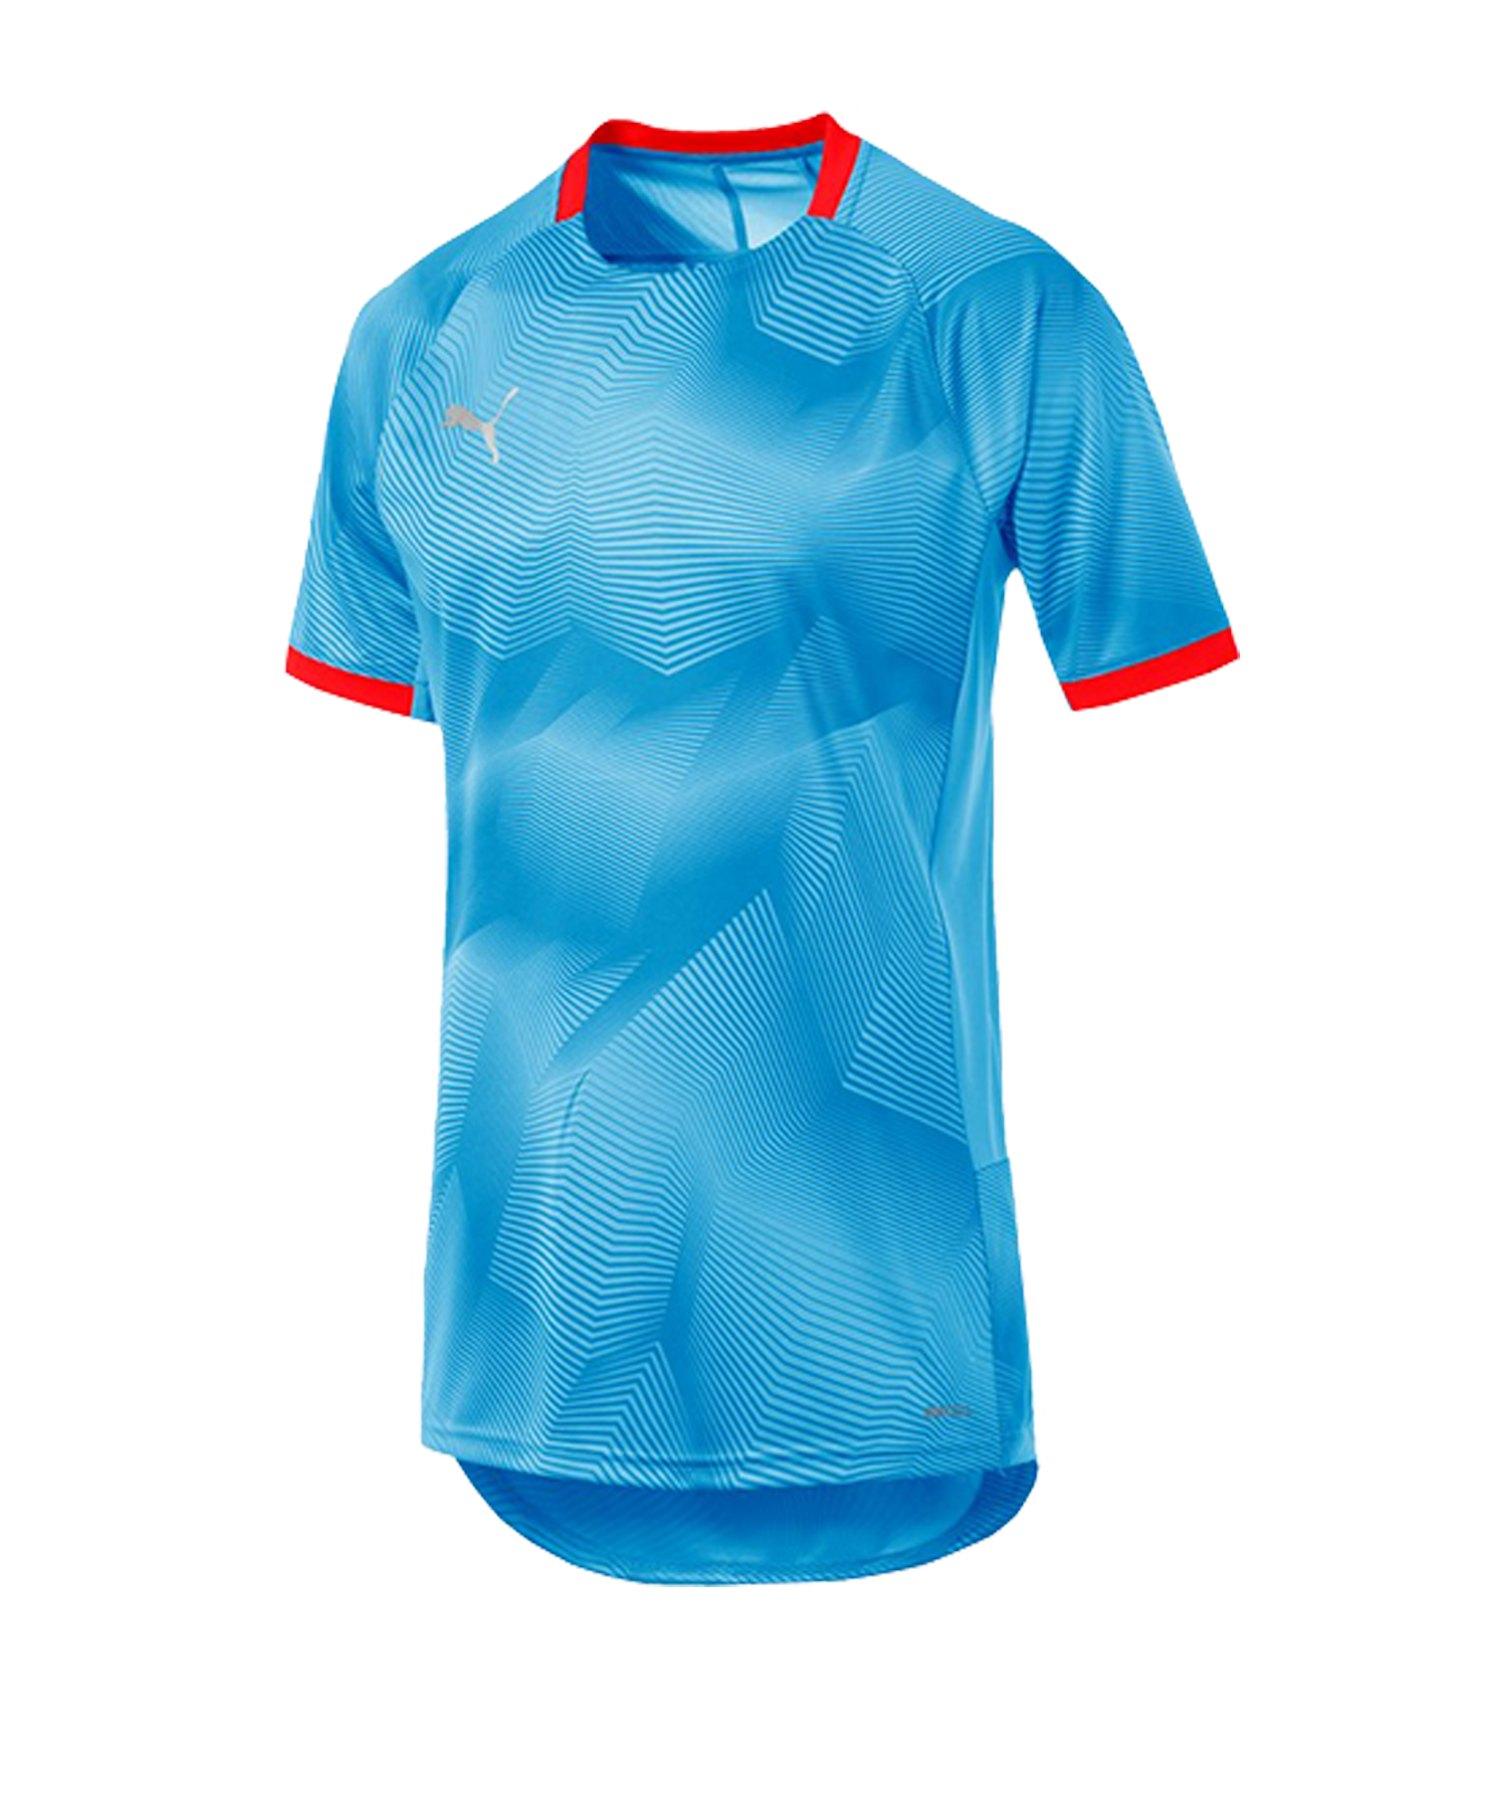 PUMA ftblNXT Graphic T-Shirt Blau Rot F02 - blau